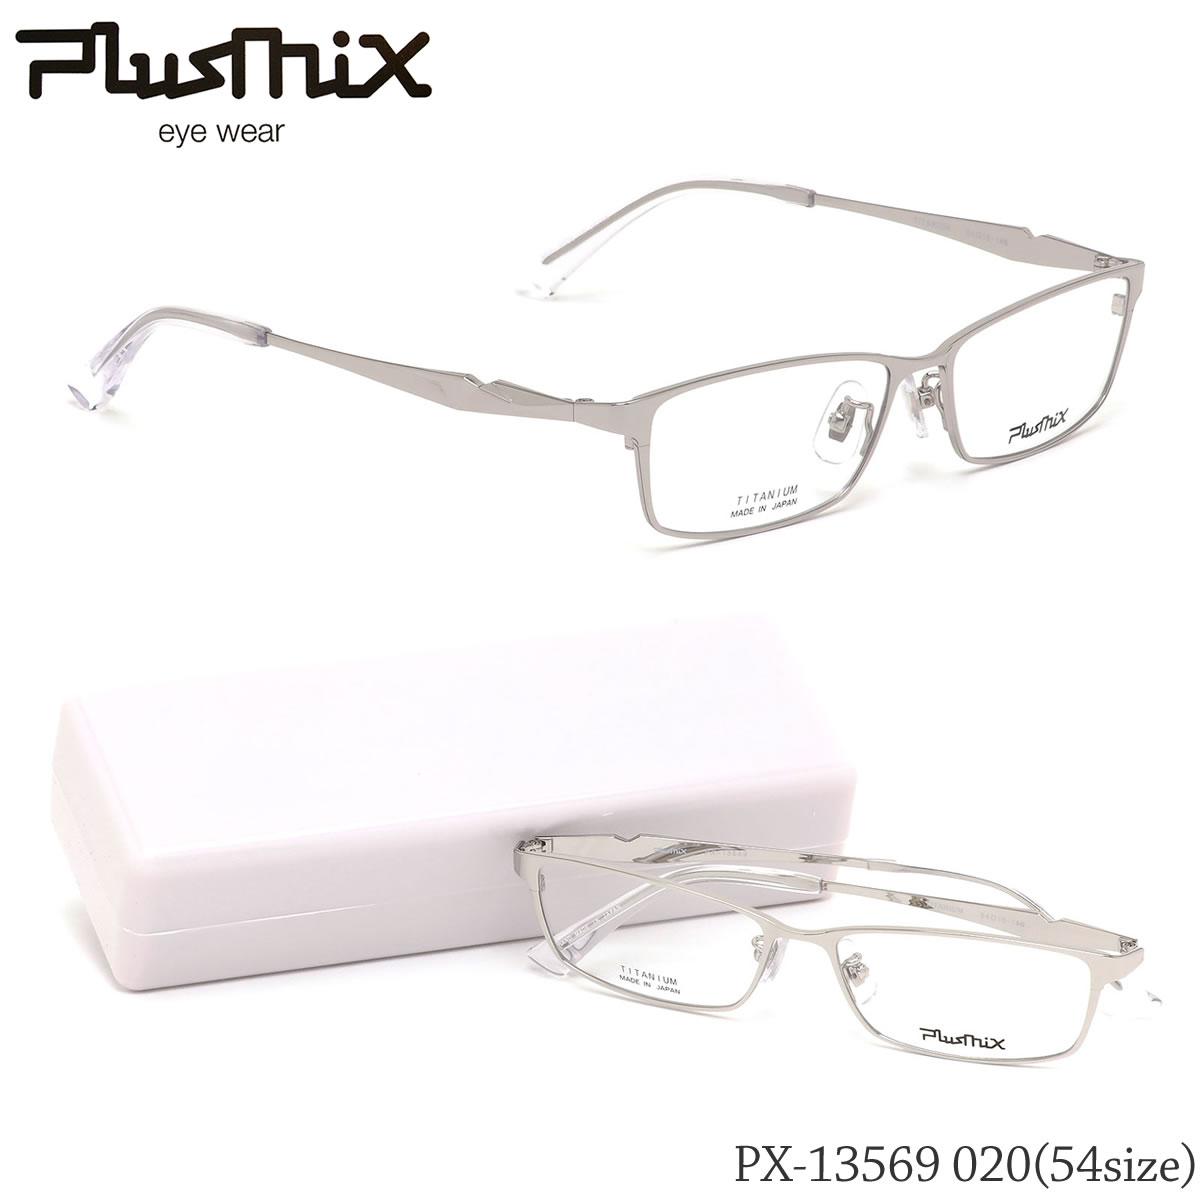 ほぼ全品ポイント15倍~最大43倍+3倍!お得なクーポンも! プラスミックス PlusMix メガネPX-13569 020 54サイズ日本製 シャープ ビジネス ベーシック スクエア MADE IN JAPAN伊達メガネレンズ無料 メンズ レディース